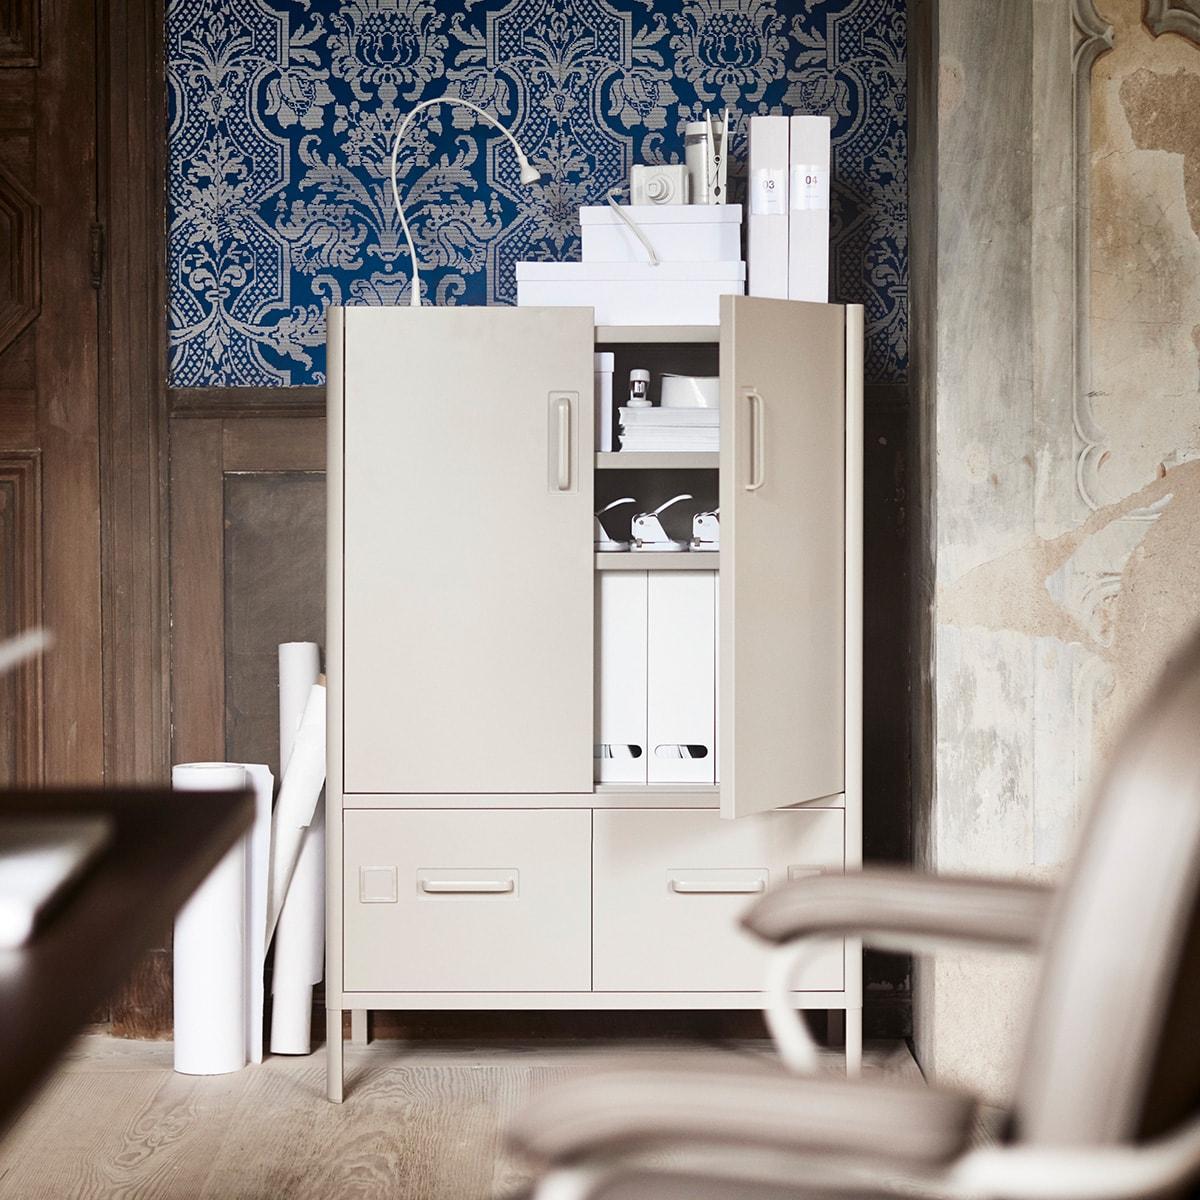 Idées inspiration l'aménagement IKEA et bureau de pour ton OiPXZuk